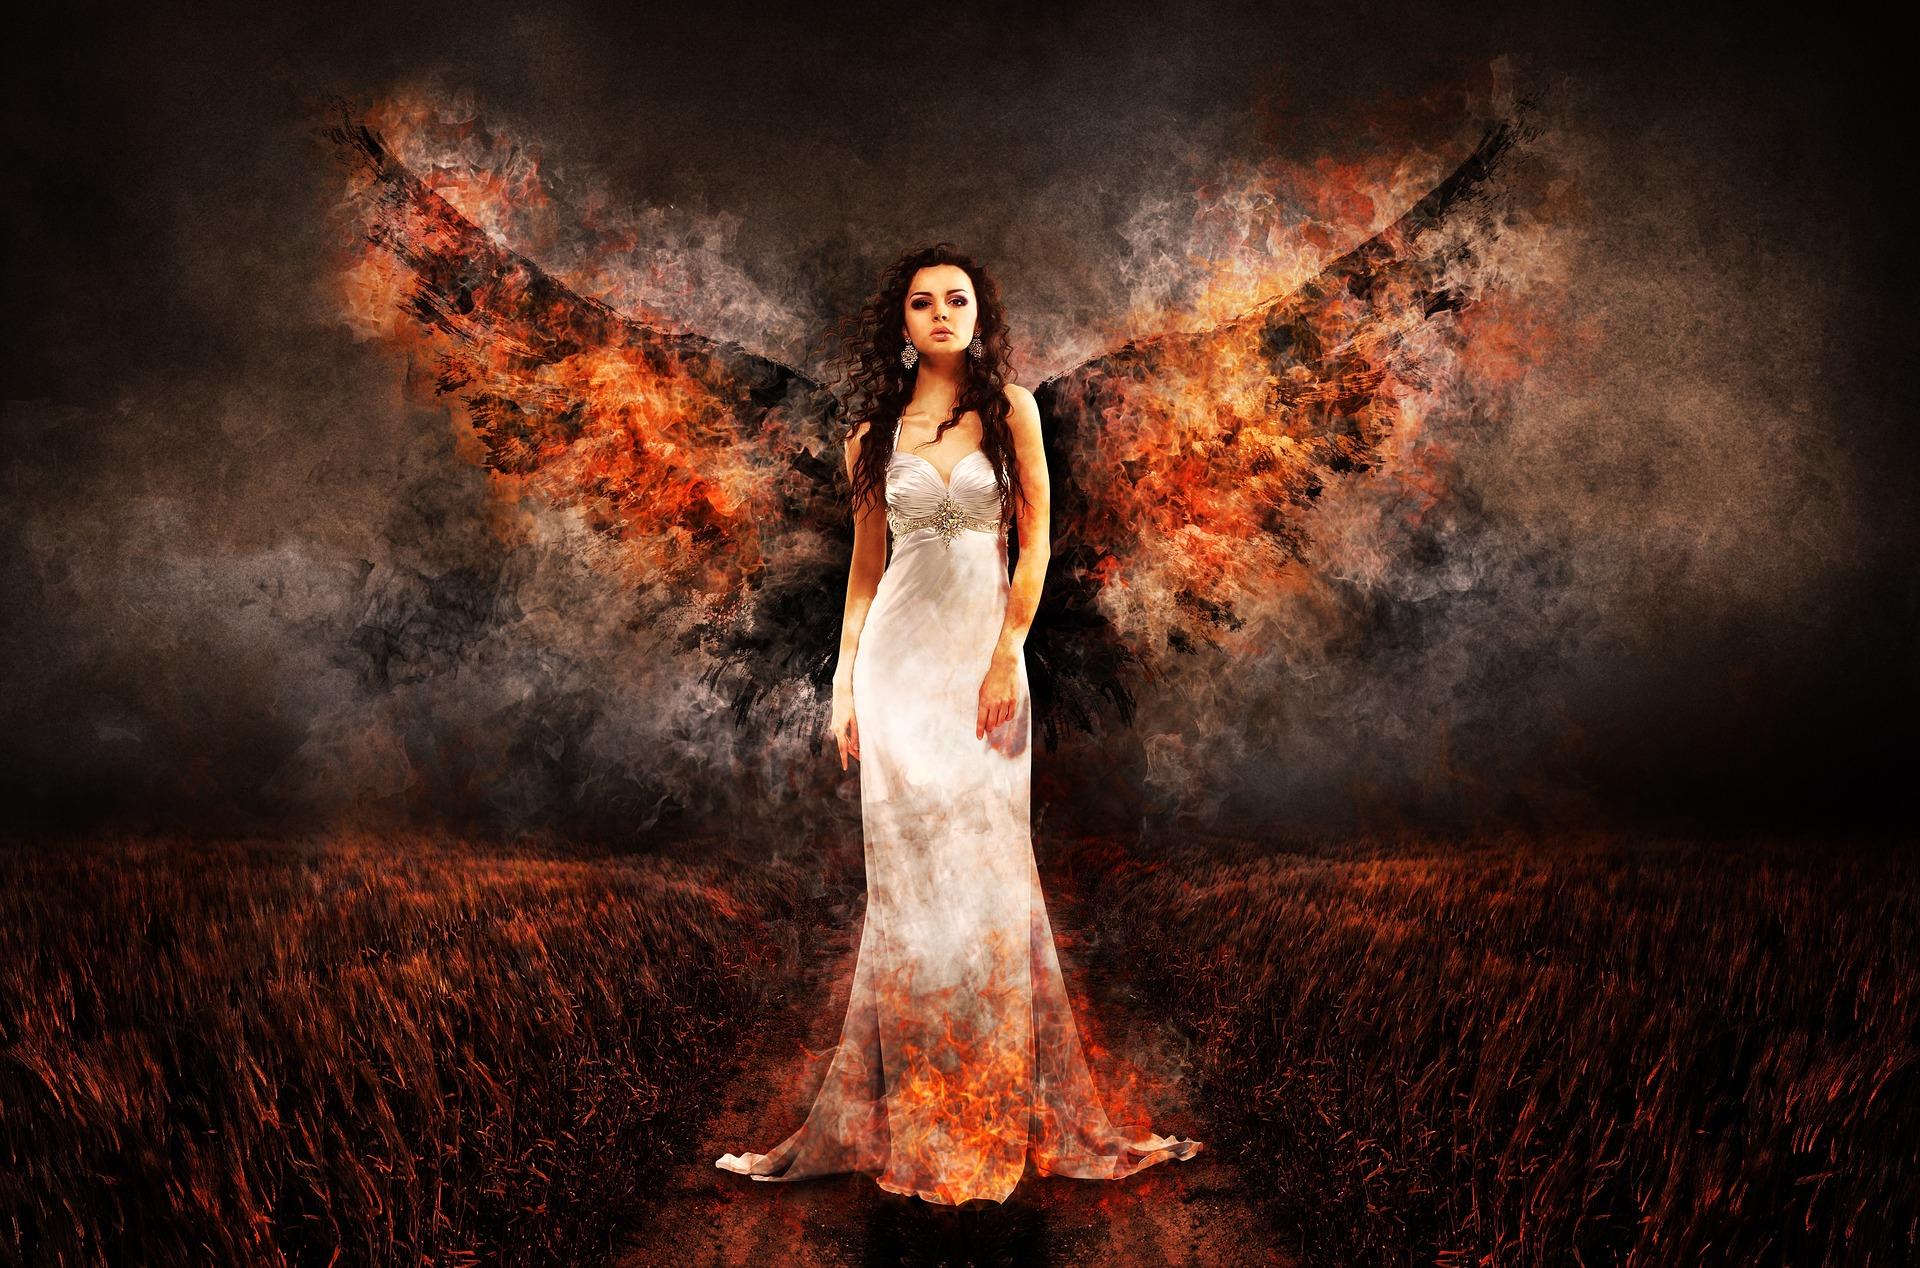 cele mai crude semne ale zodiacului - sfatulparintilor.ro - pixabay_com - angel-1284369_1920